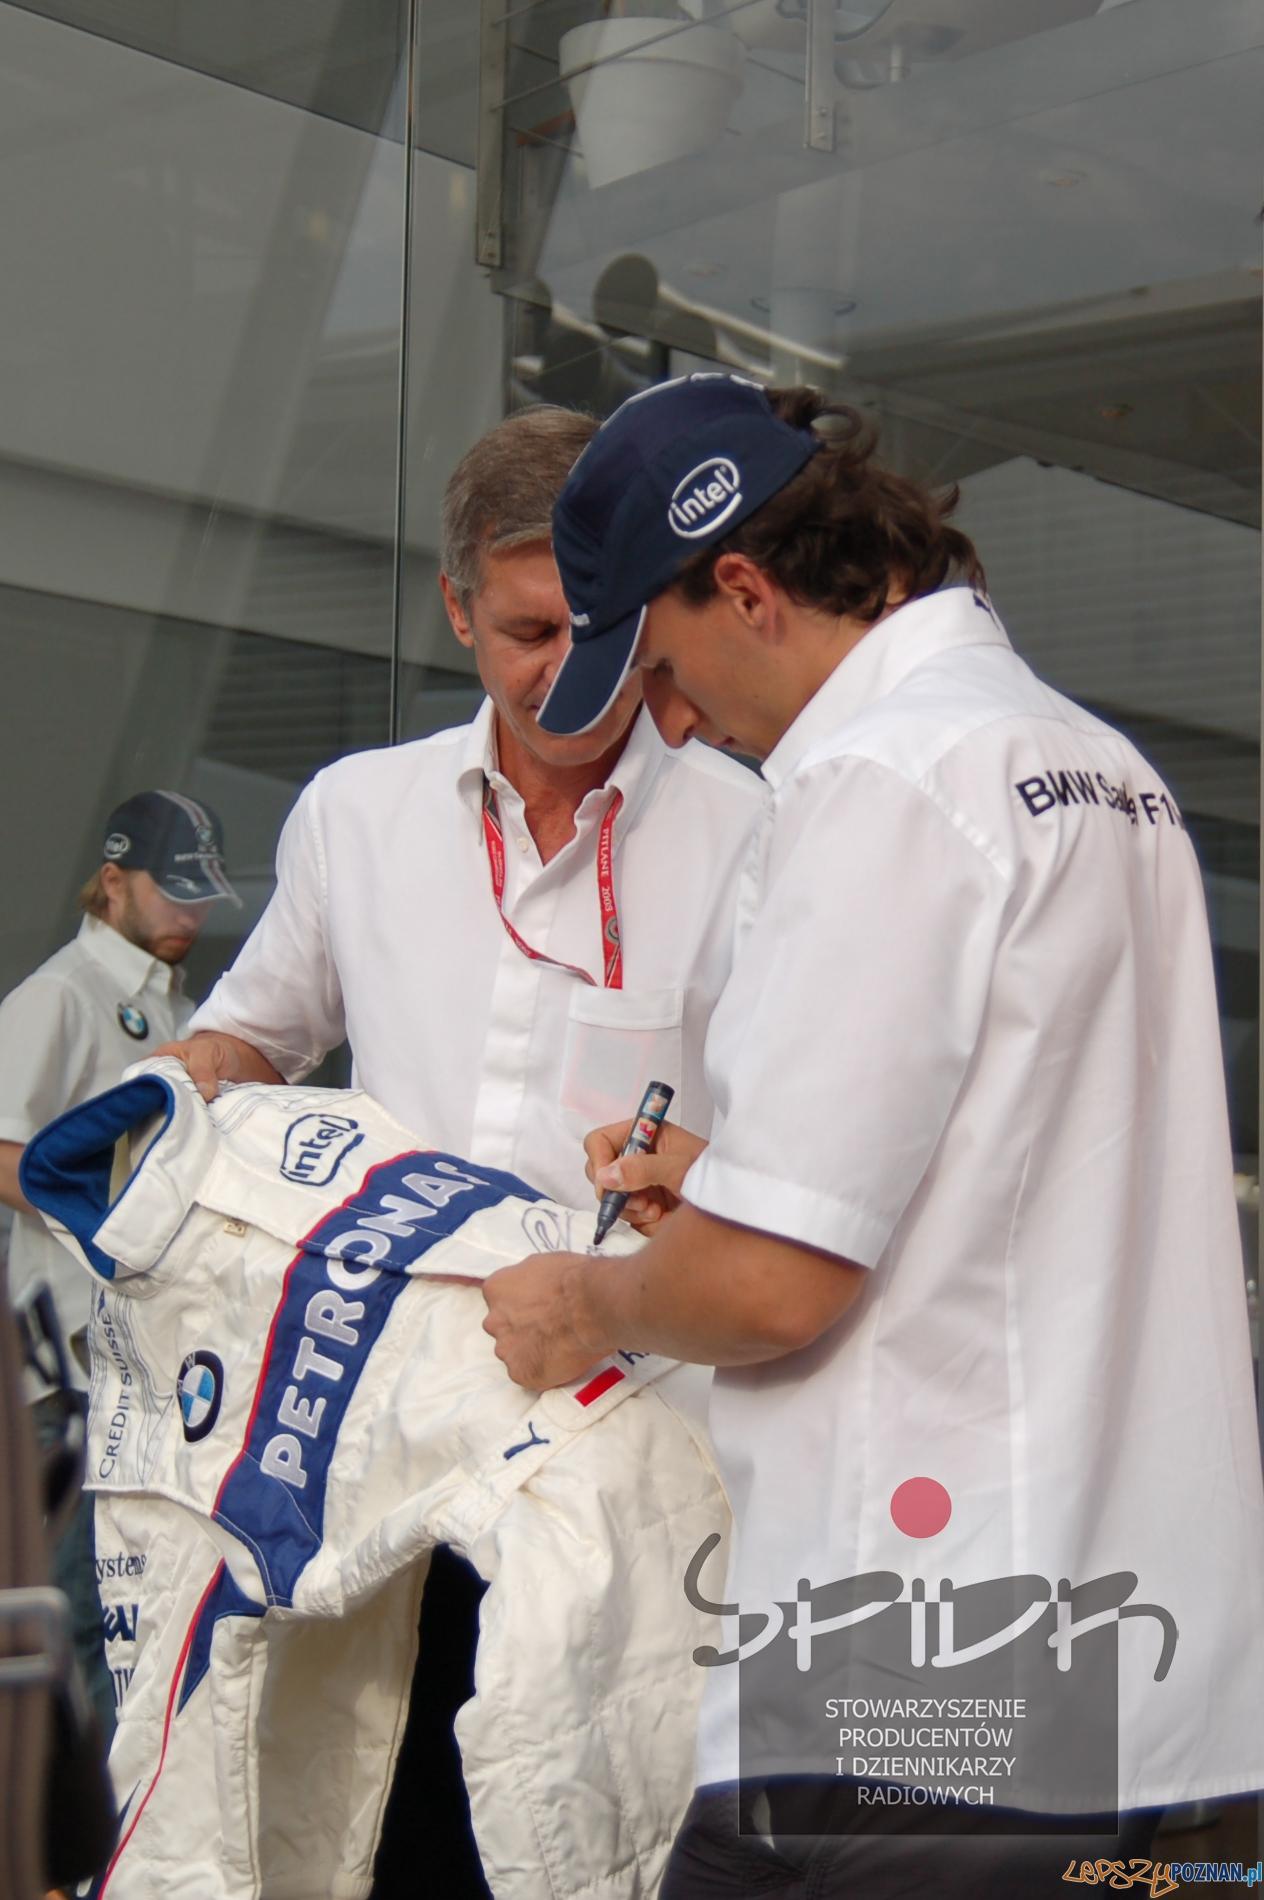 Robert Kubica składa autograf na kombinezonie, w którym zdobył jedyne w swojej karierze pole position  Foto: Stowarzyszenie radiowiec